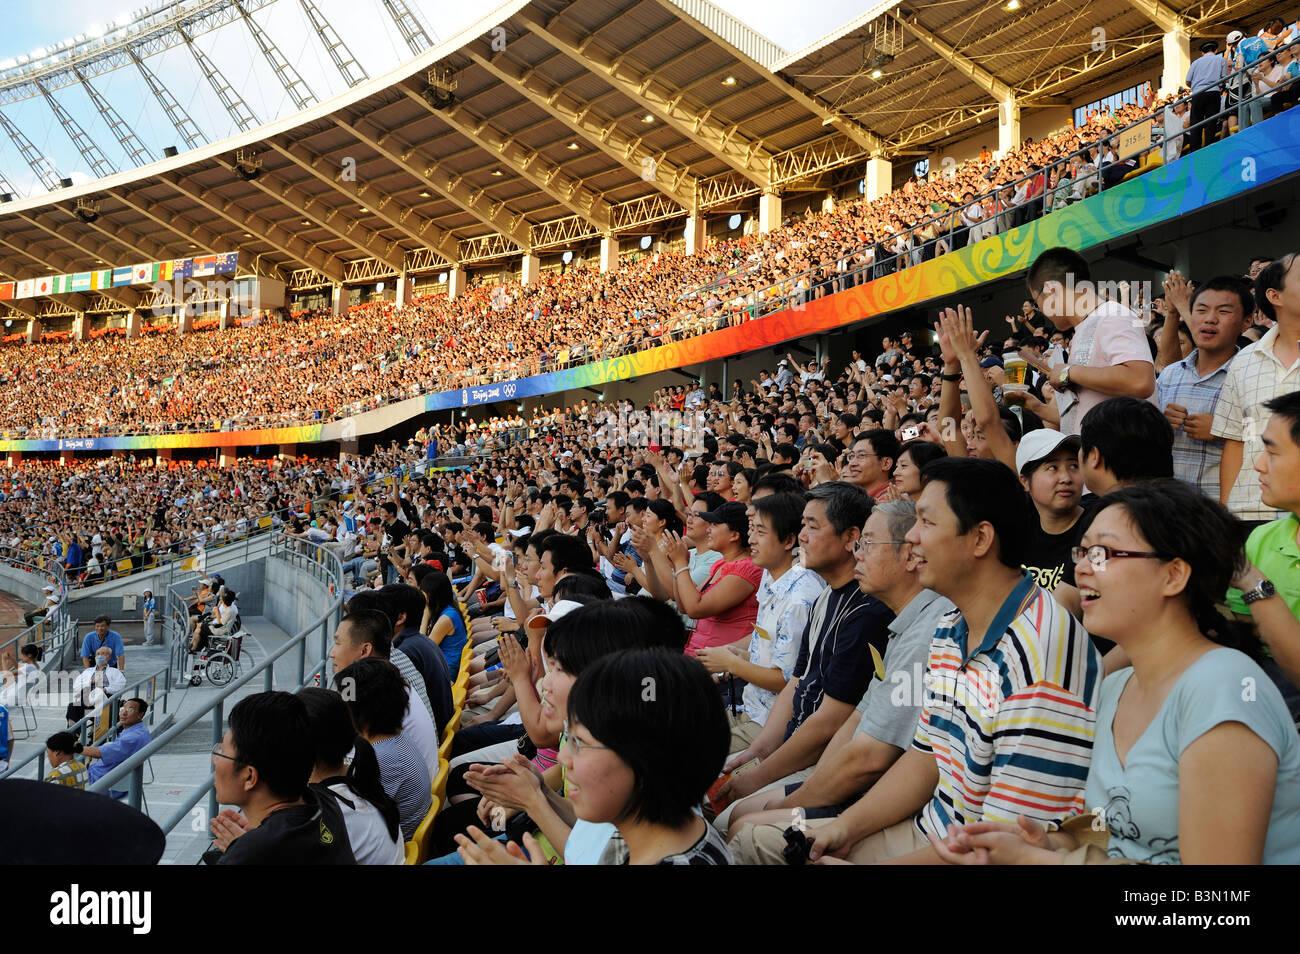 Chinesischen Zuschauern ein Fußballspiel an der Beijing 2008 Olympischen Games.16-Aug-2008 Stockbild